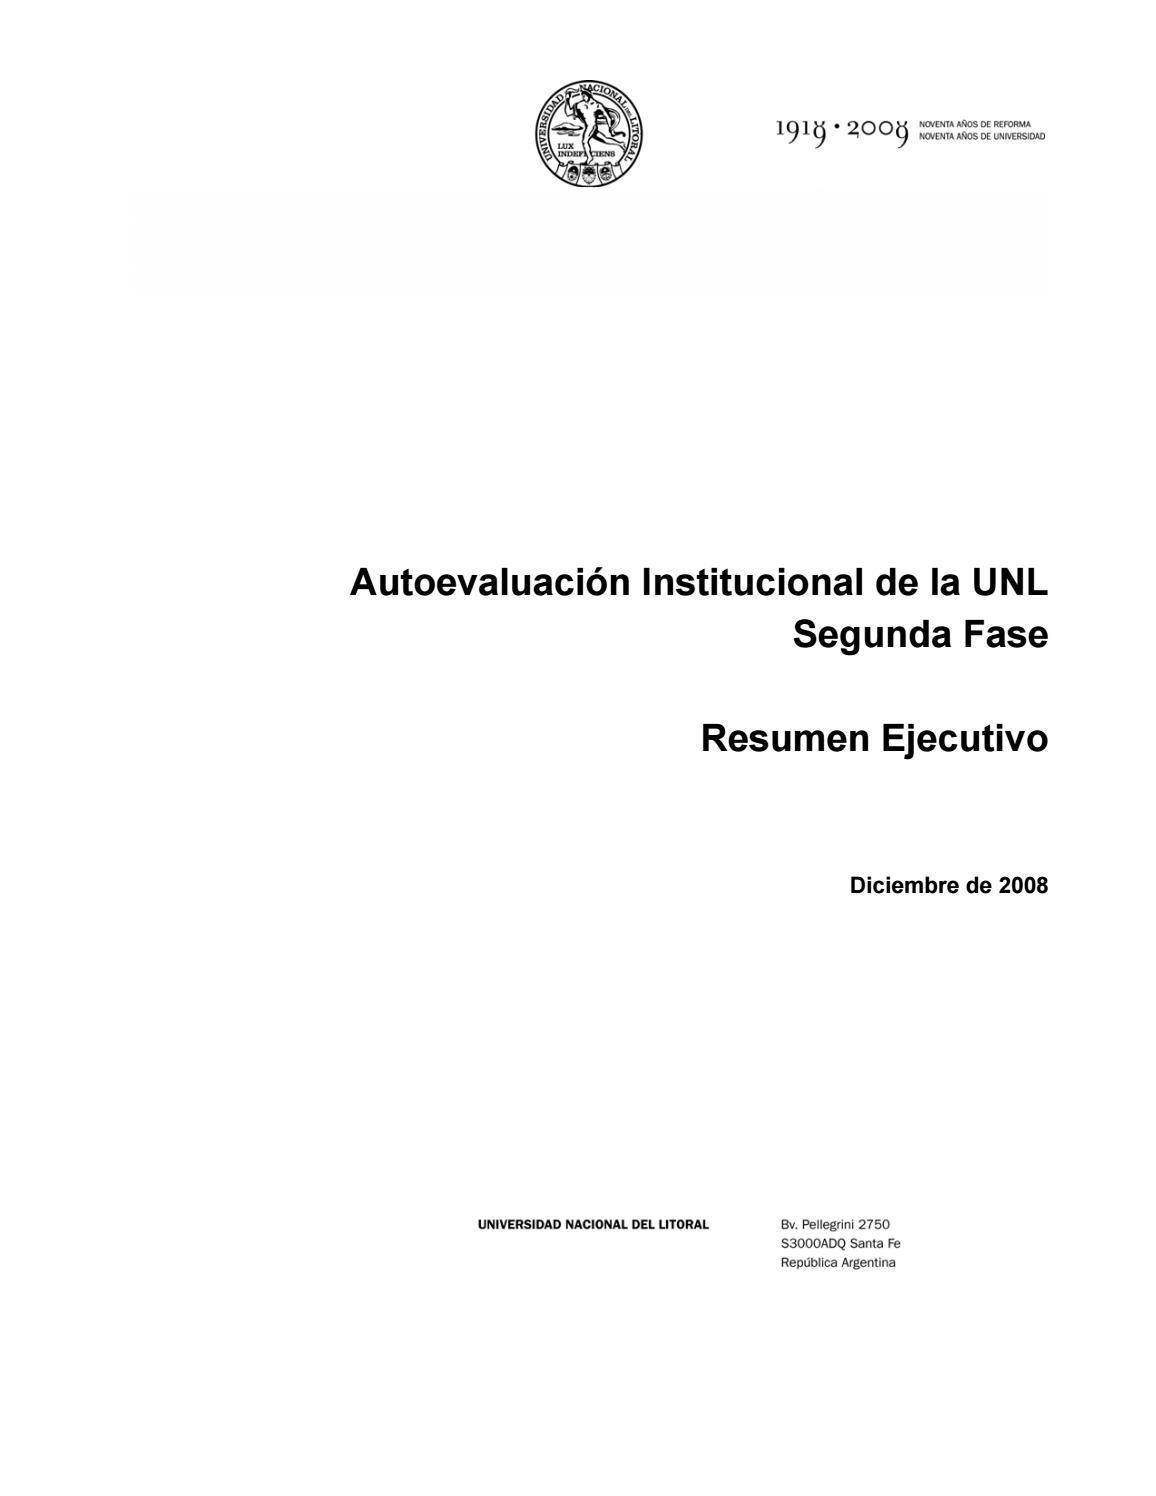 Unl resumen ejecutivo segunda fase a by Universidad Nacional del ...